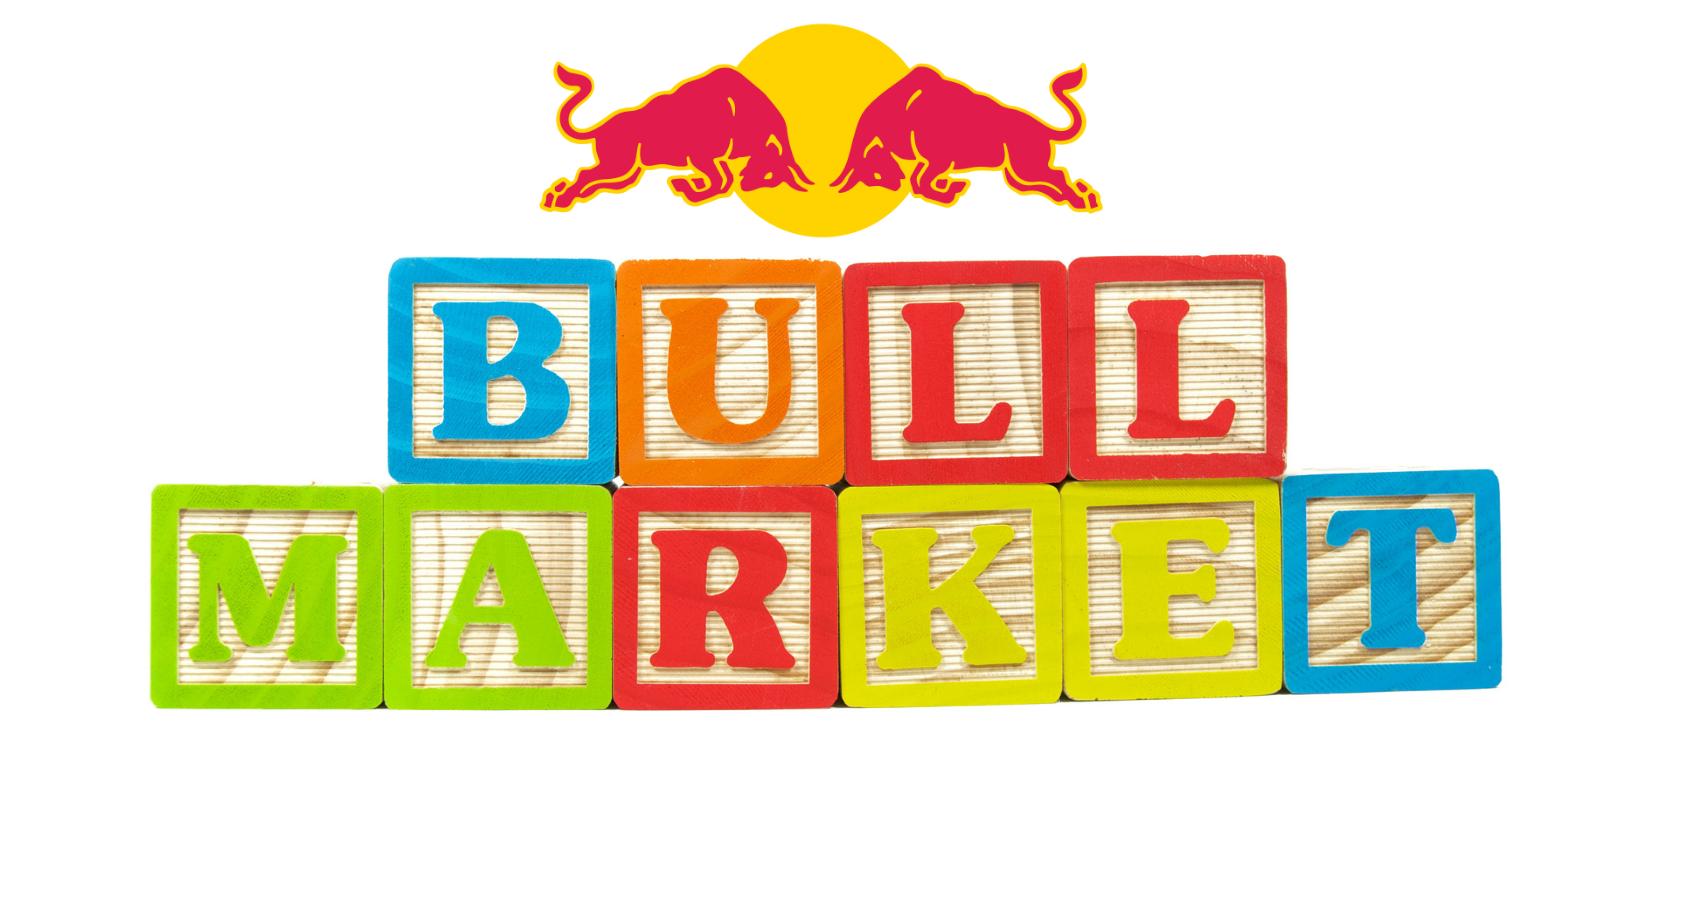 Red bull Marketing Analysis 2021